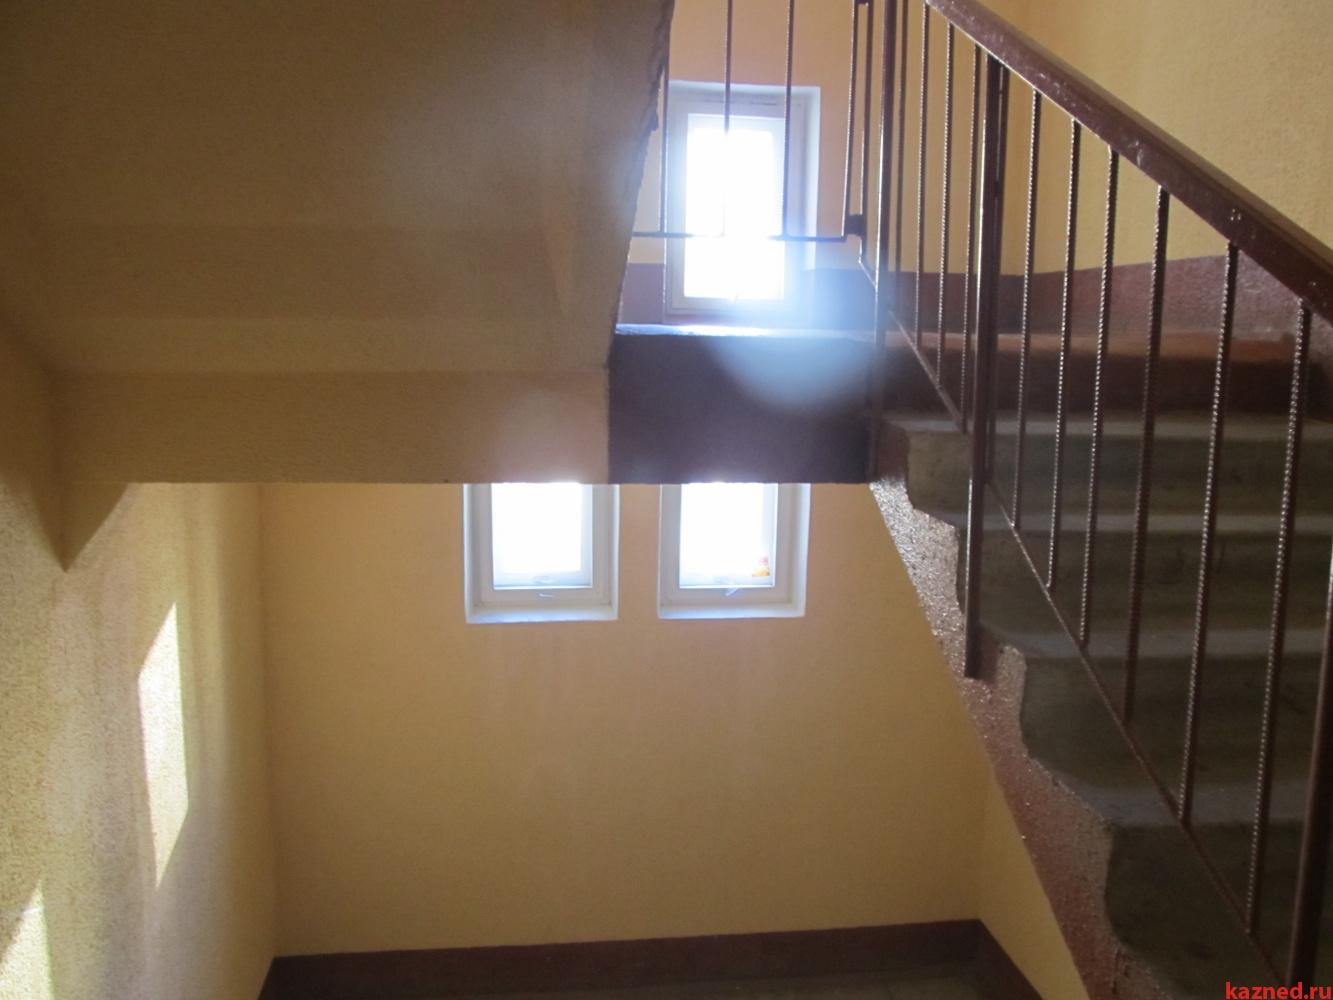 Продажа 3-к квартиры Амирхана, 5, 93 м² (миниатюра №8)